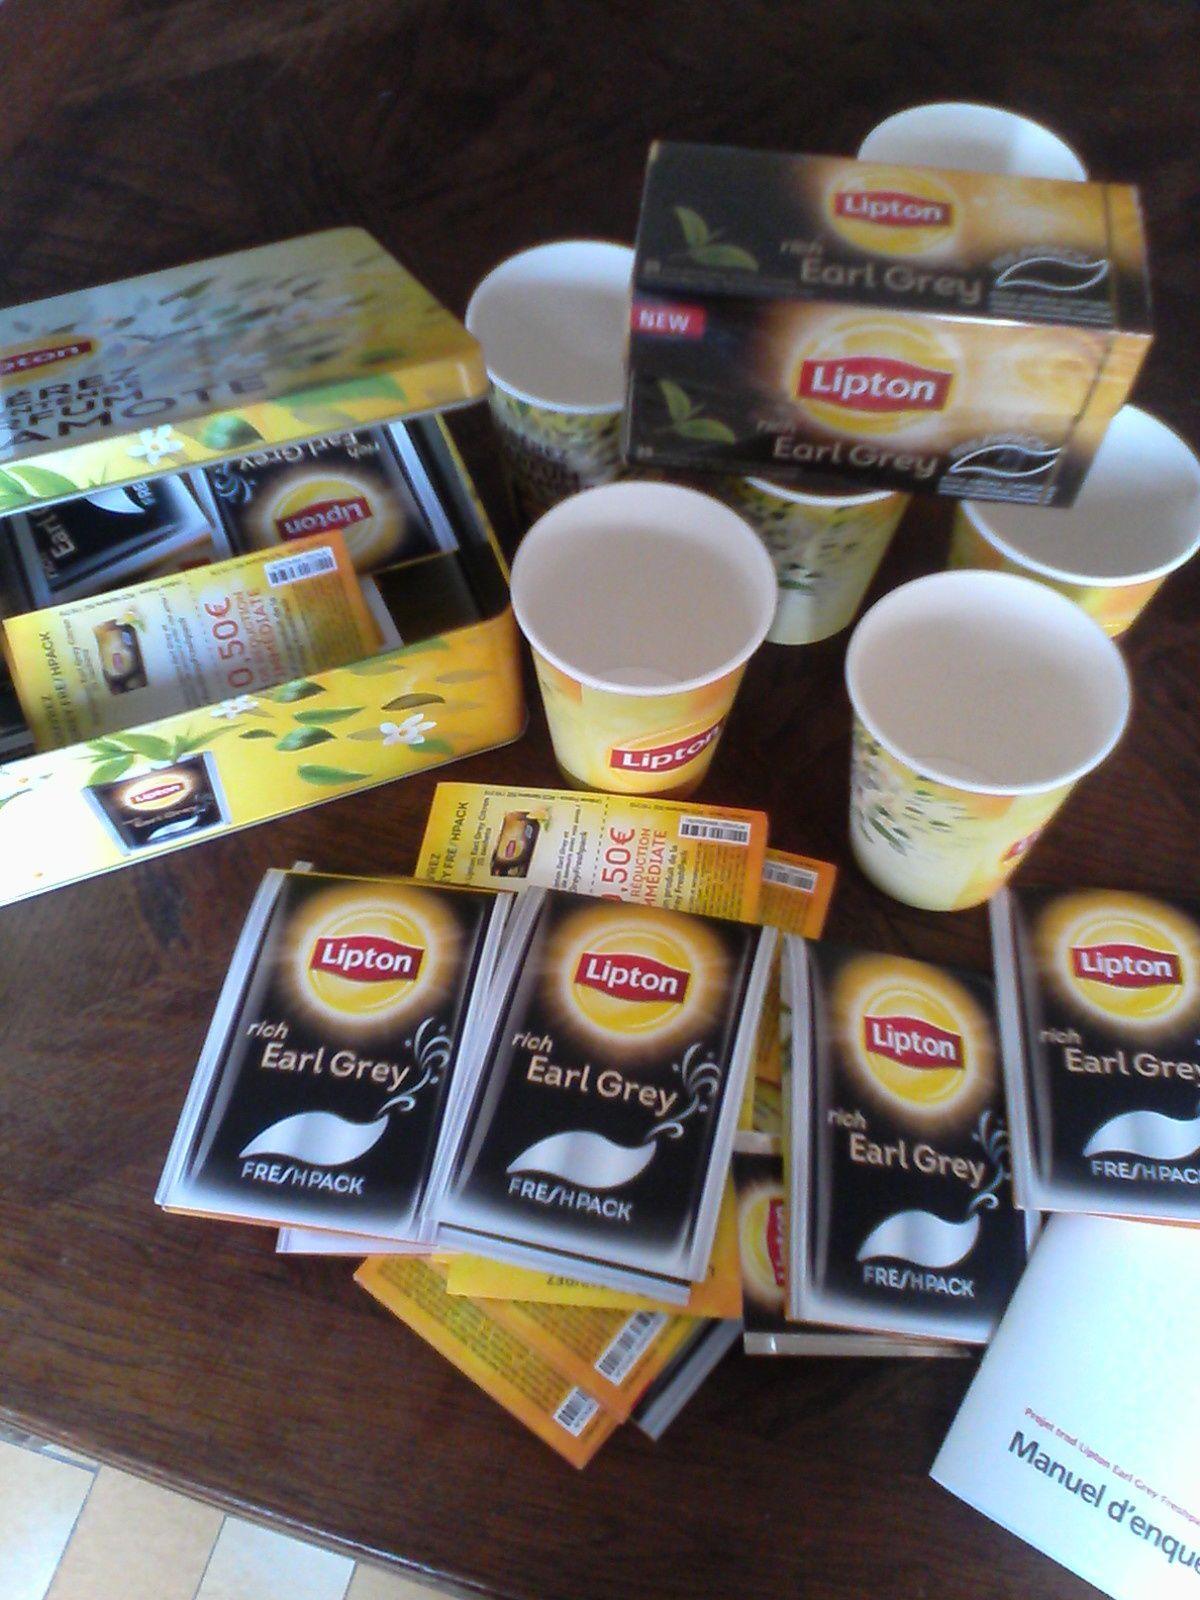 1 boîte de Lipton Earl Grey, 1 boîte en métal Lipton, des brochures avec des bons de réductions, des échantillons et 1 enquête marketing.